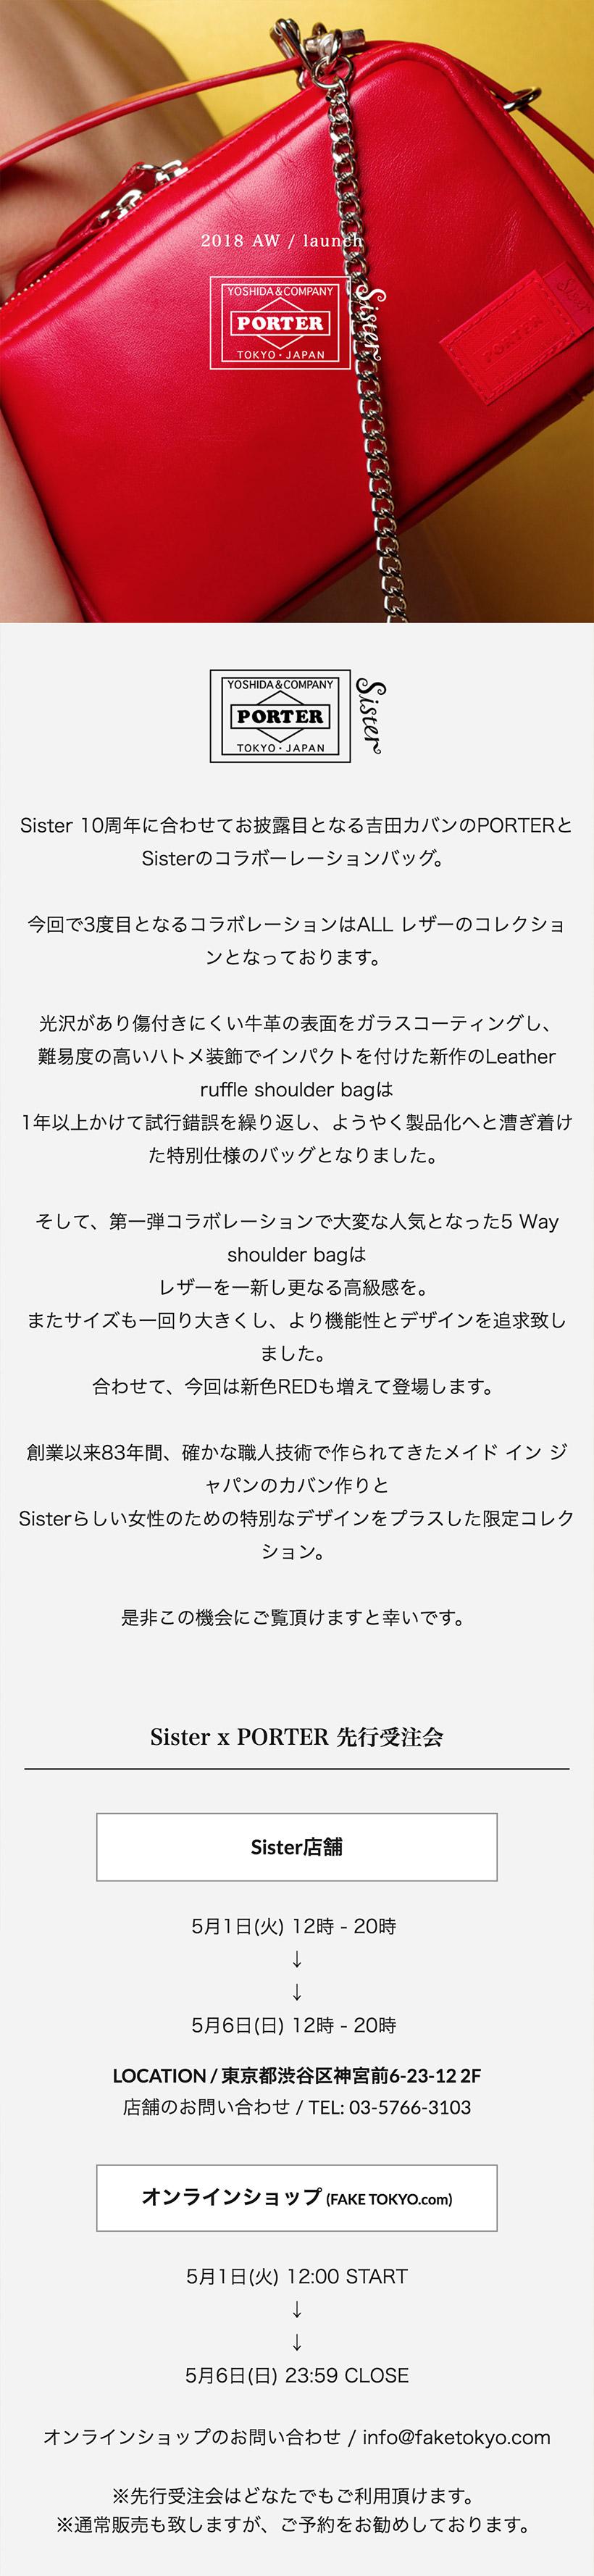 Sister x PORTER 3rd